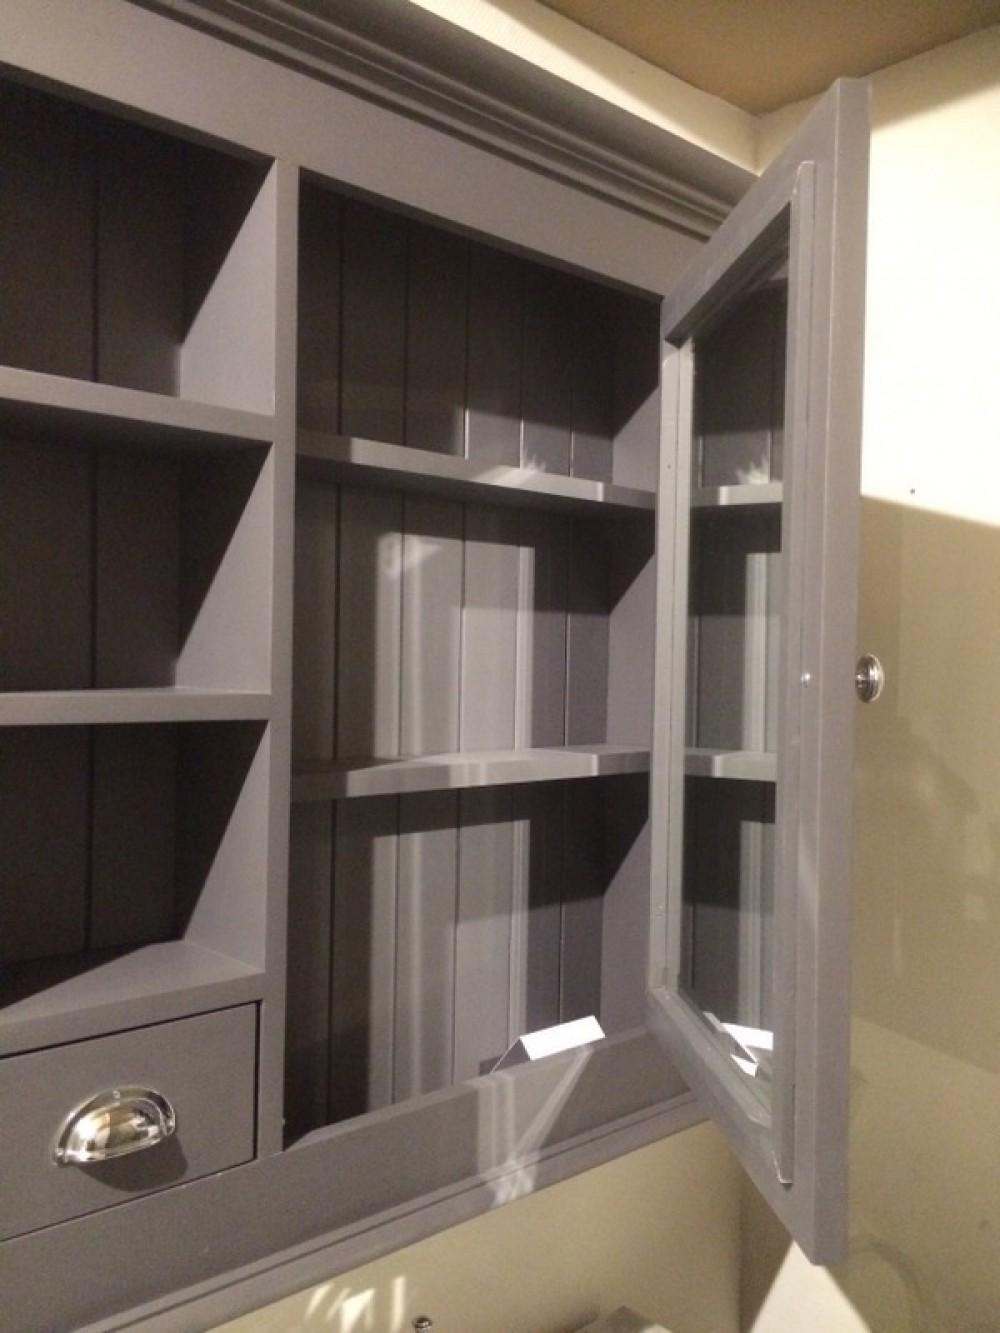 waschtisch schwarz mit einem spiegelschrank doppelwaschtisch im landhausstil farbe schwarz. Black Bedroom Furniture Sets. Home Design Ideas